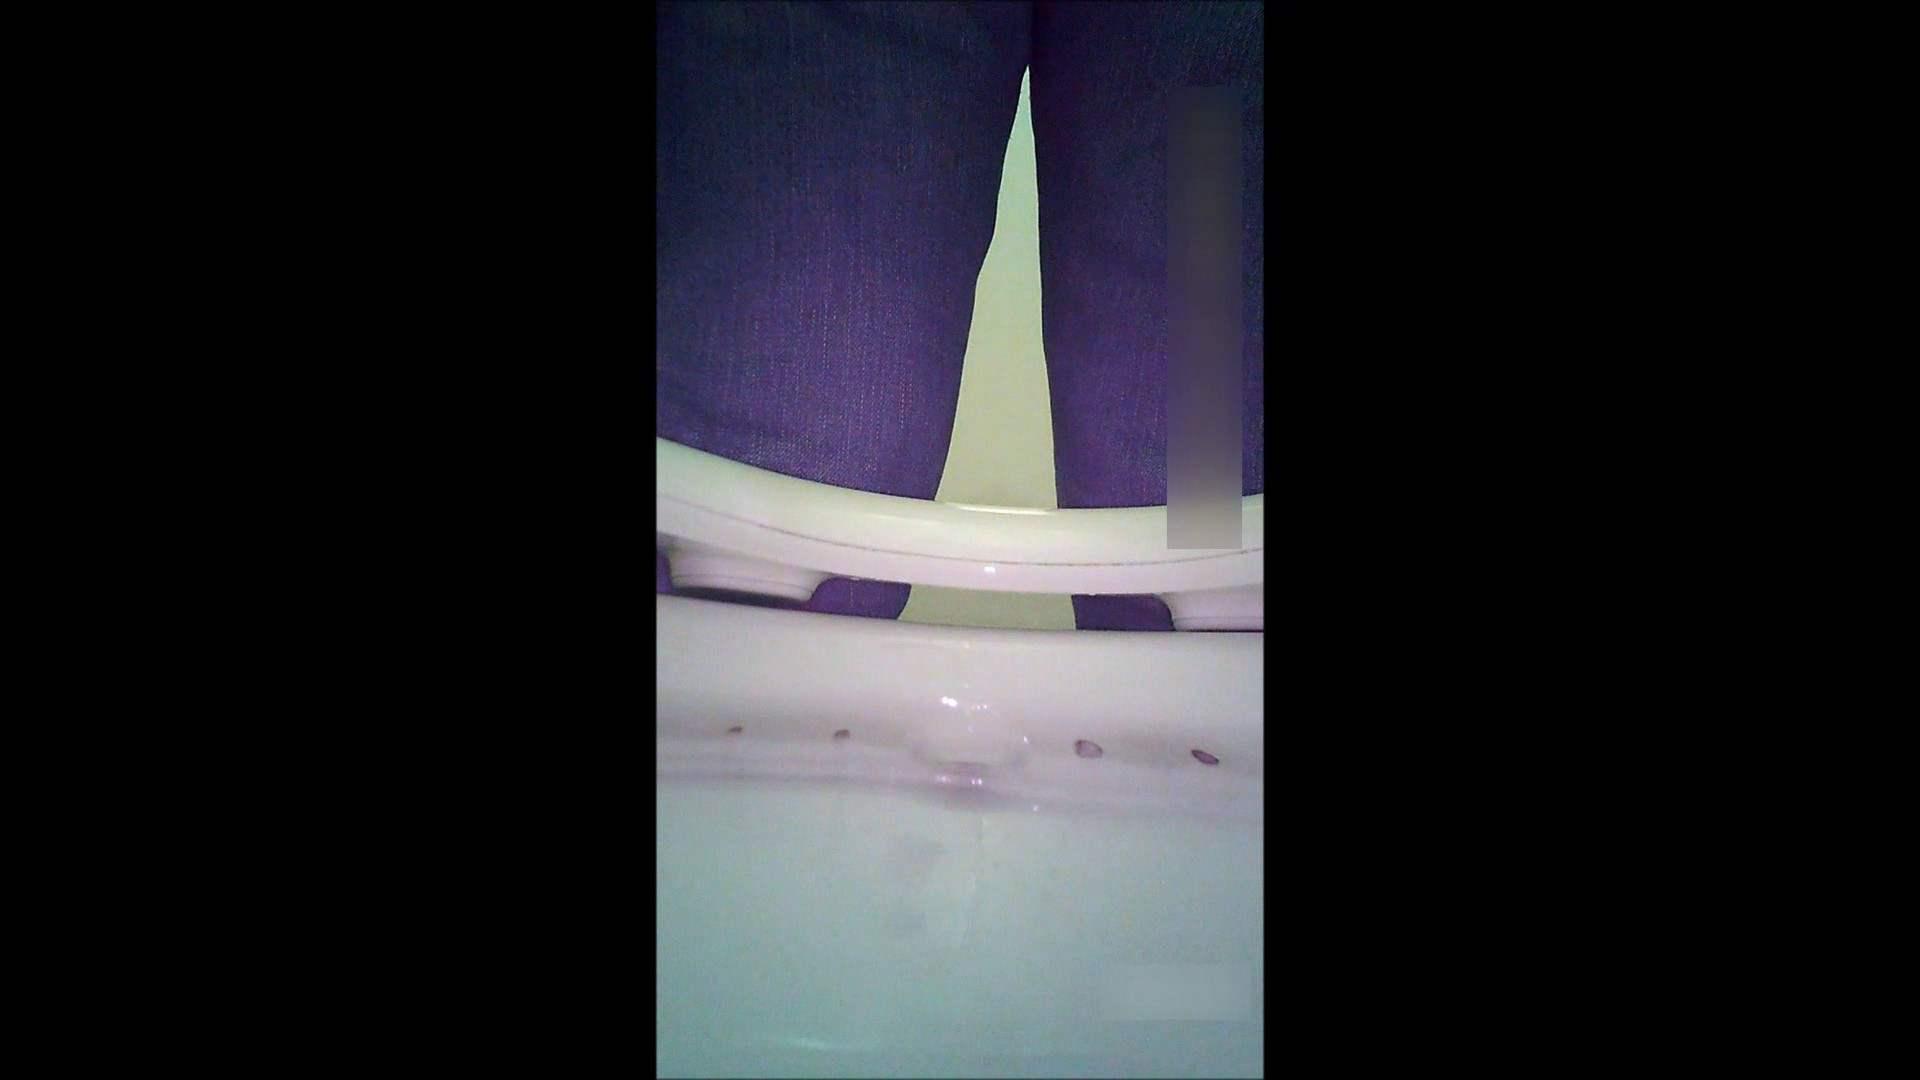 キレカワ女子大生の秘密の洗面所!Vol.051 女子大生 のぞきエロ無料画像 94pic 12